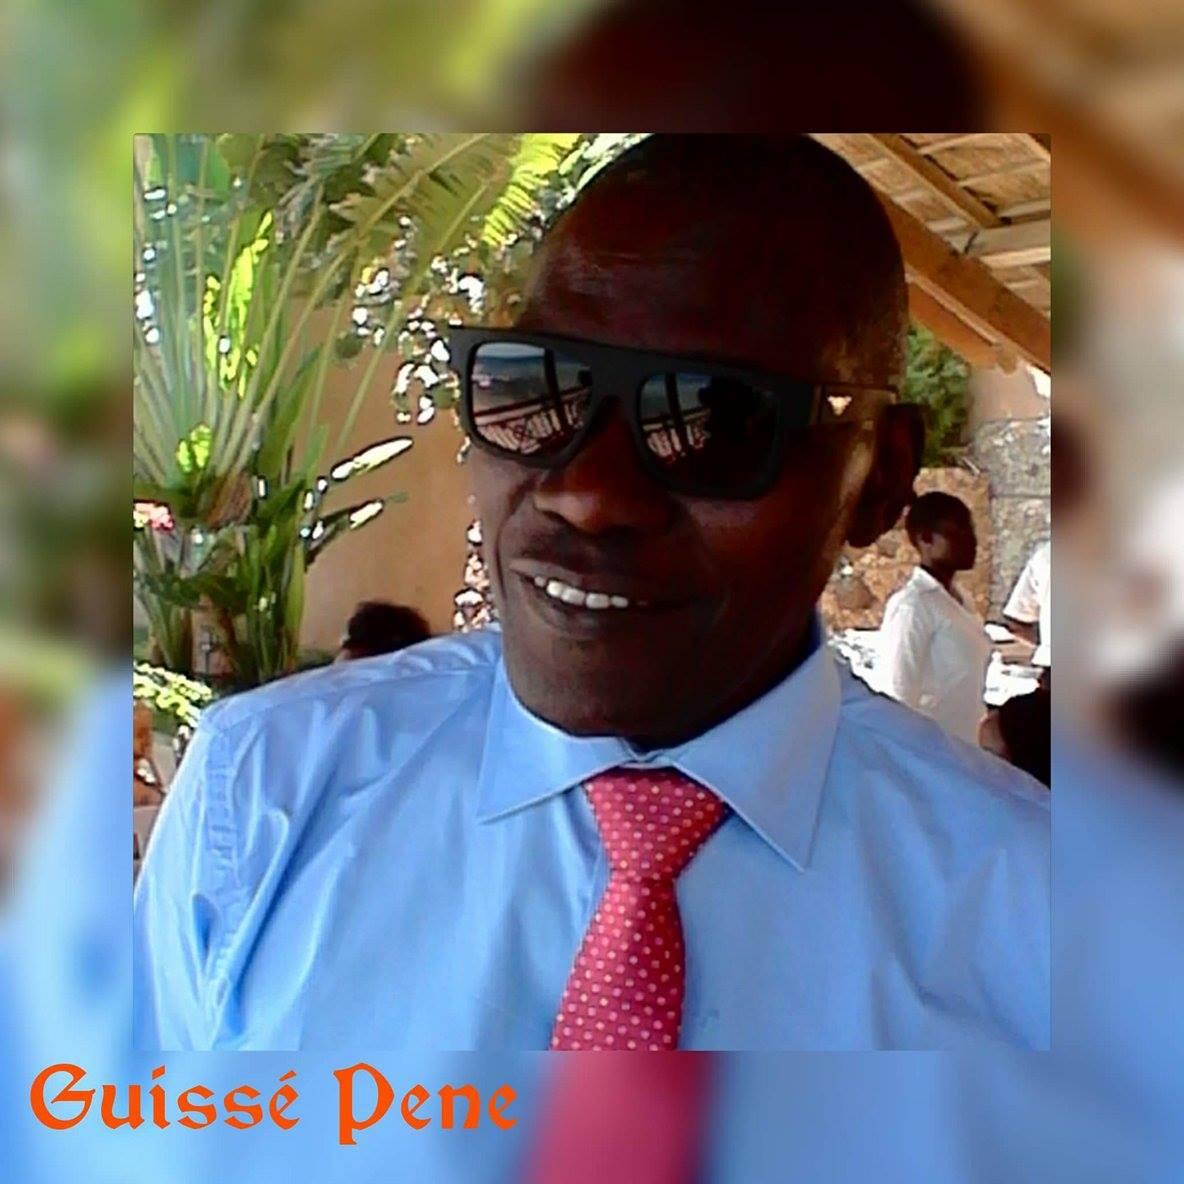 """Guissé Pène: """"Le Président Macky est entré dans l'histoire Culturelle du Sénégal"""""""